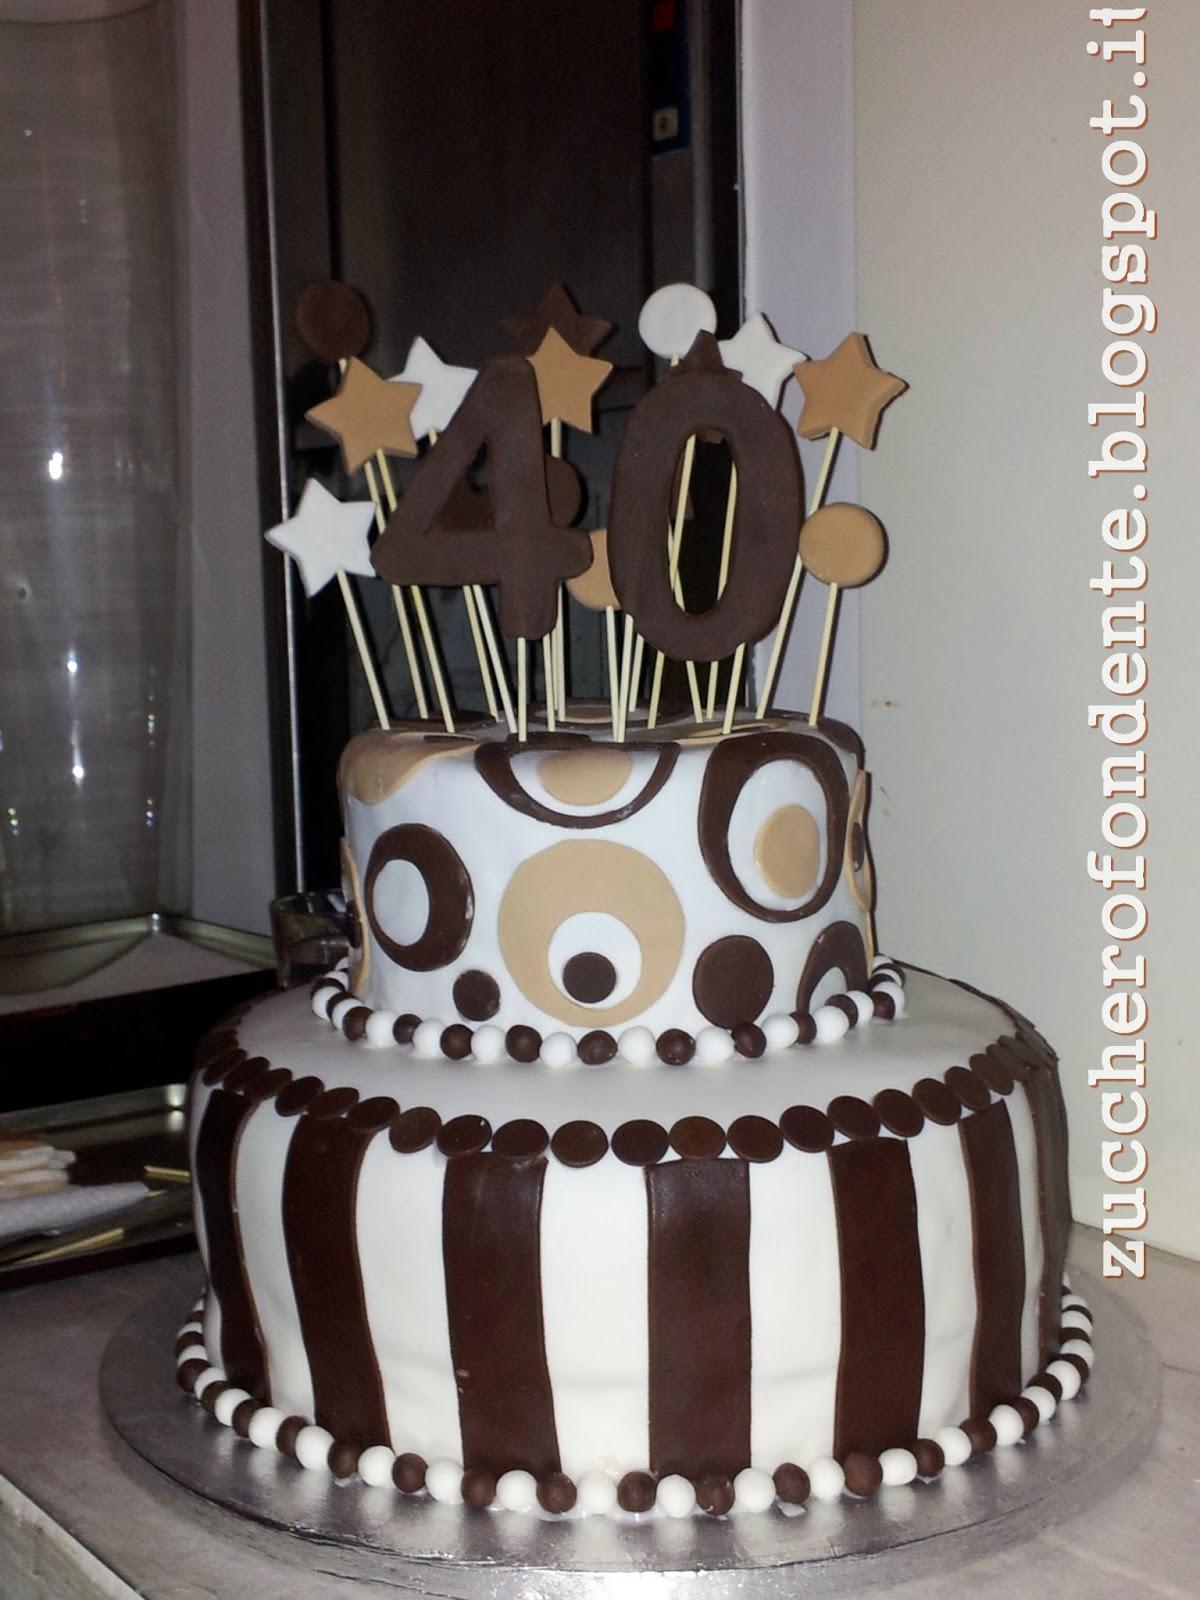 Immagini di compleanno 40 anni for Decorazioni torte 40 anni uomo